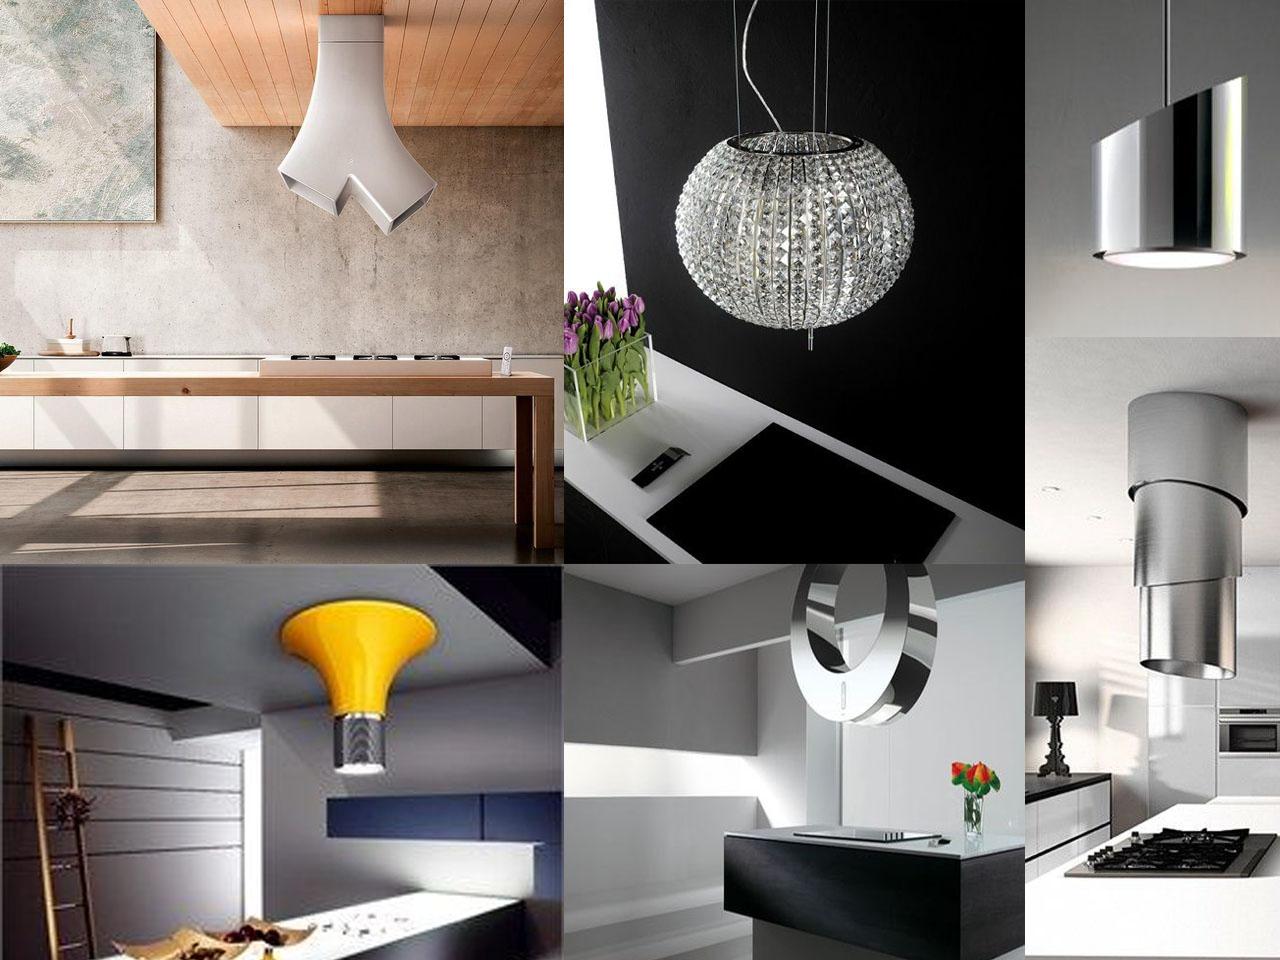 Campanas Modernas Para Cocinas Campanas Modernas Para Cocinas  # Muebles De Cocina Pixys